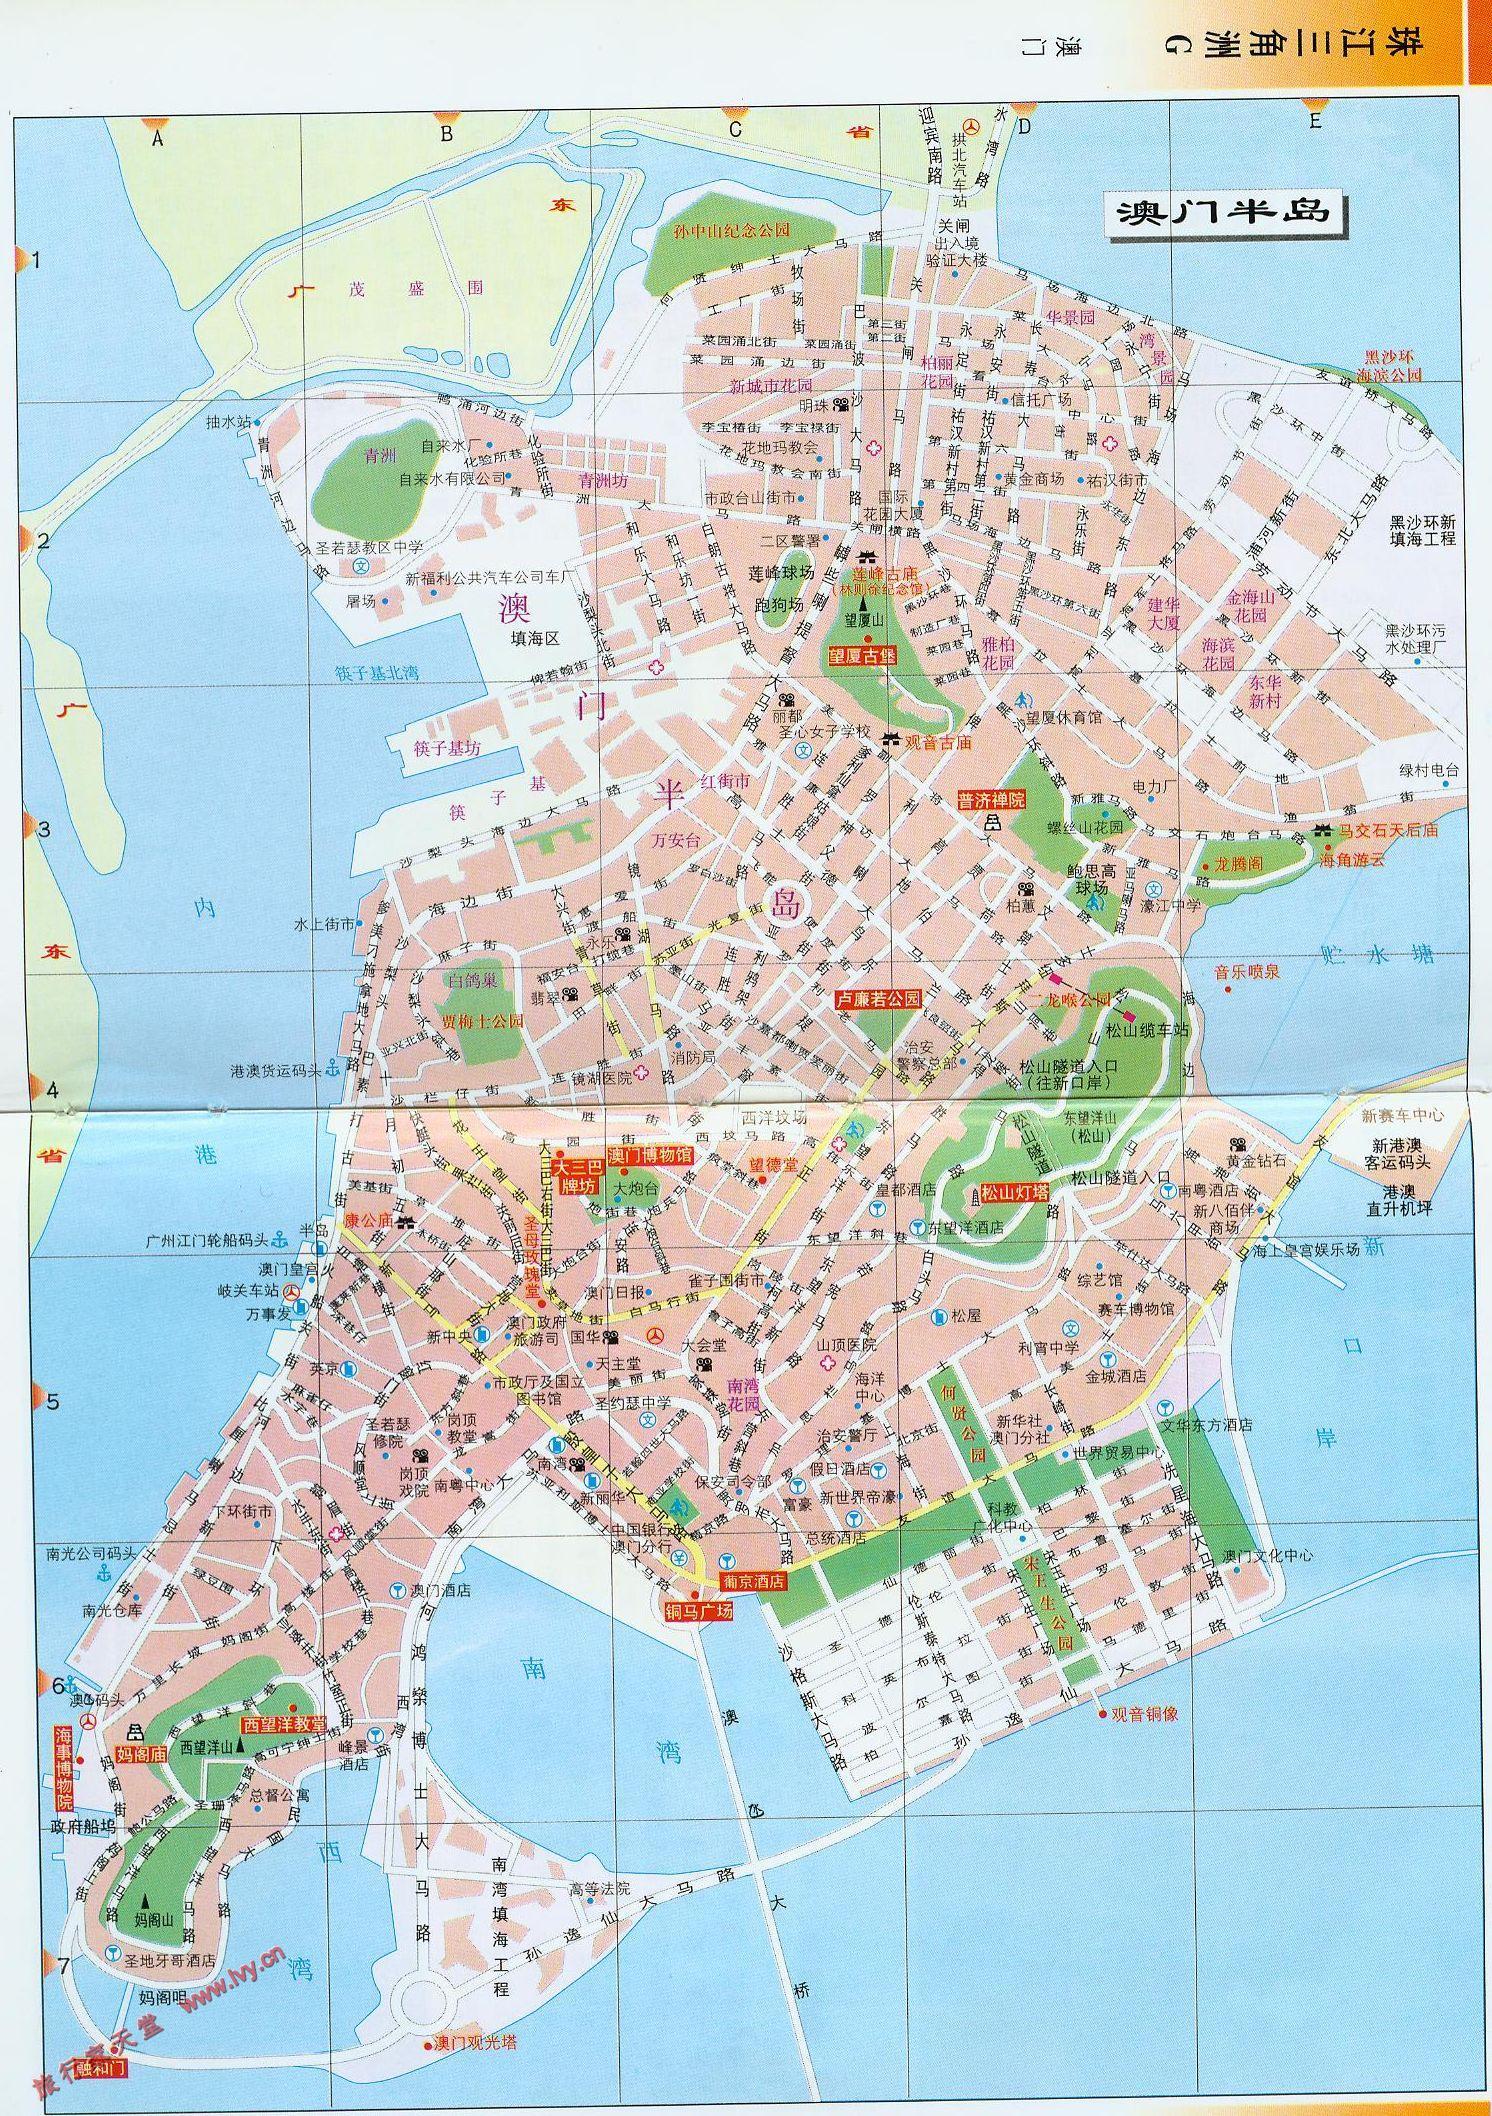 澳门旅游地�_点击下载澳门旅游地图